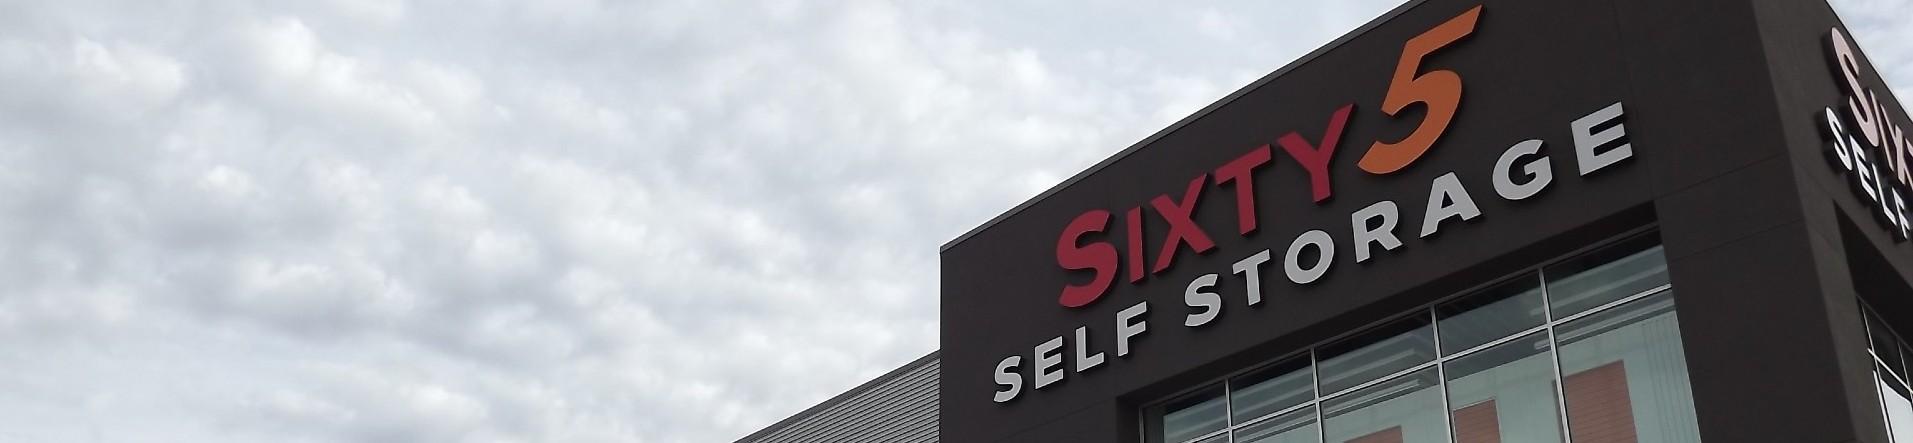 Sixty5 Self Storage day